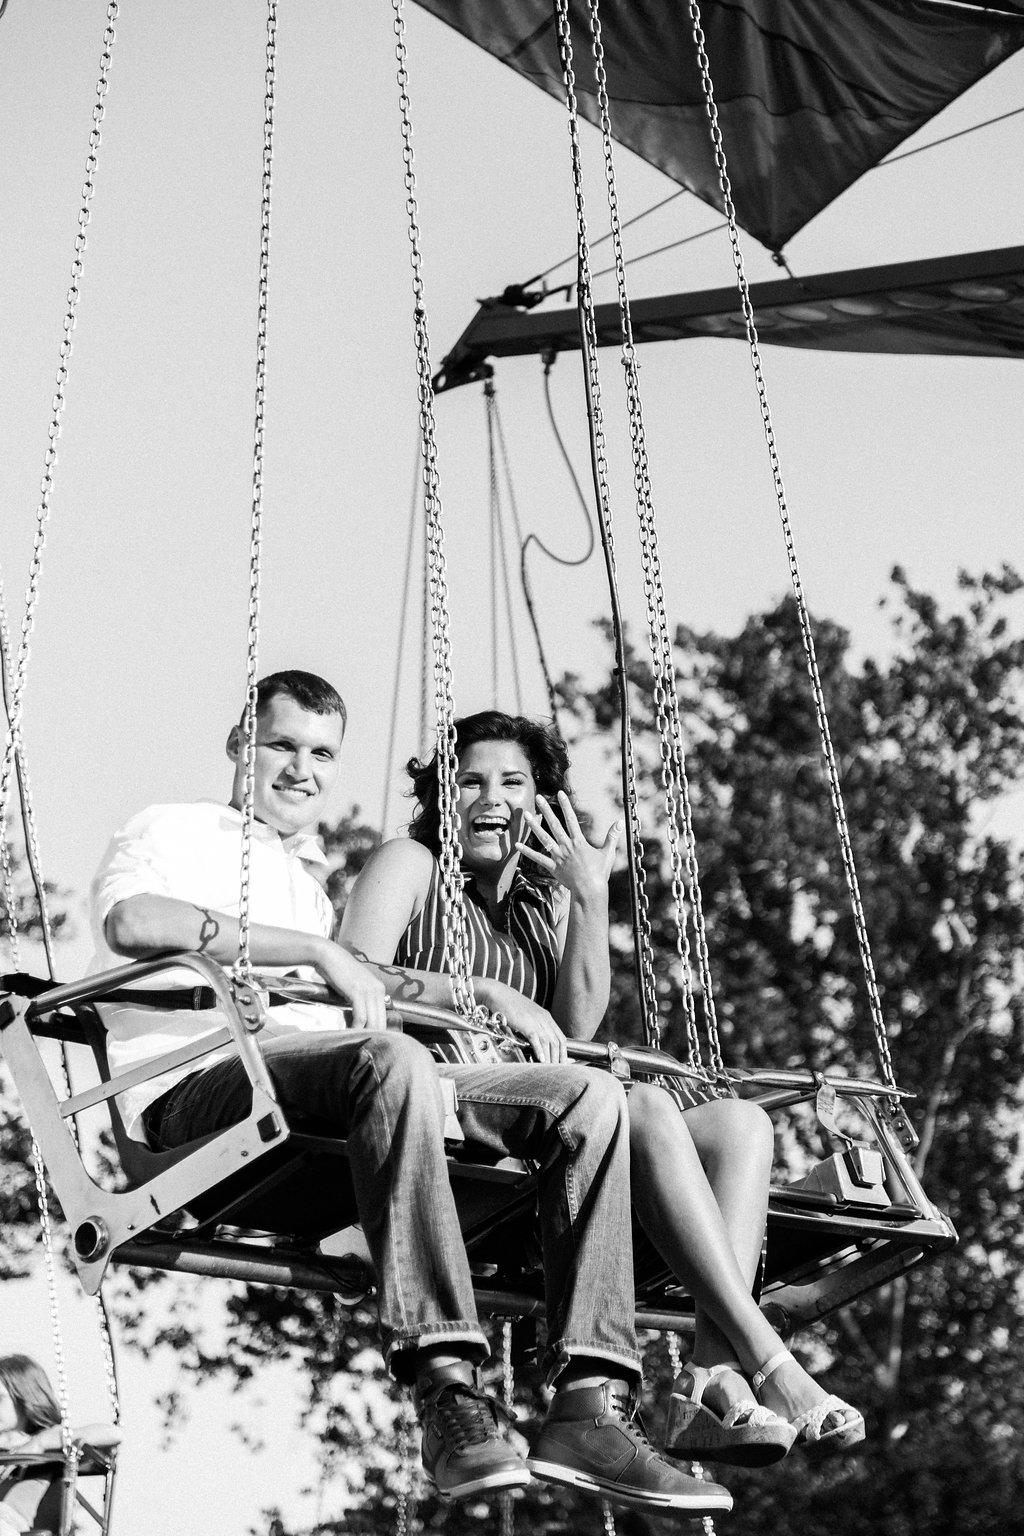 Carnival Engagement Photos A Natural Portrayal